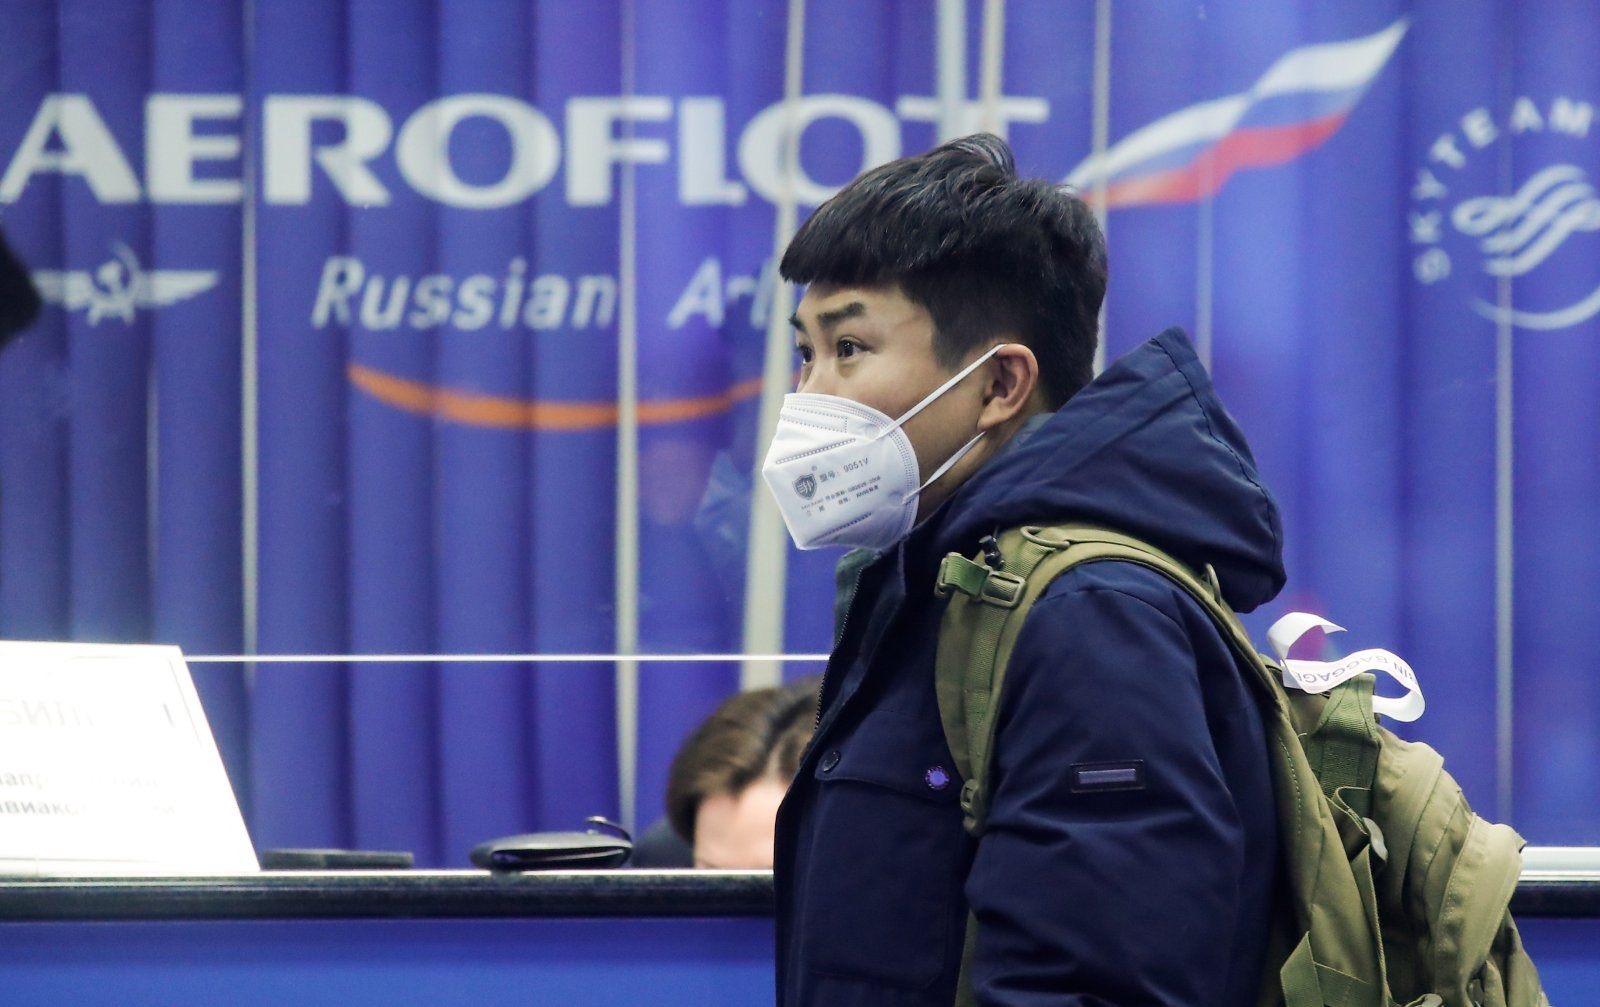 «Аэрофлот» объявил об отмене рейсов в 18 европейских городов из-за угрозы распространения коронавируса Источник: Нитхенде